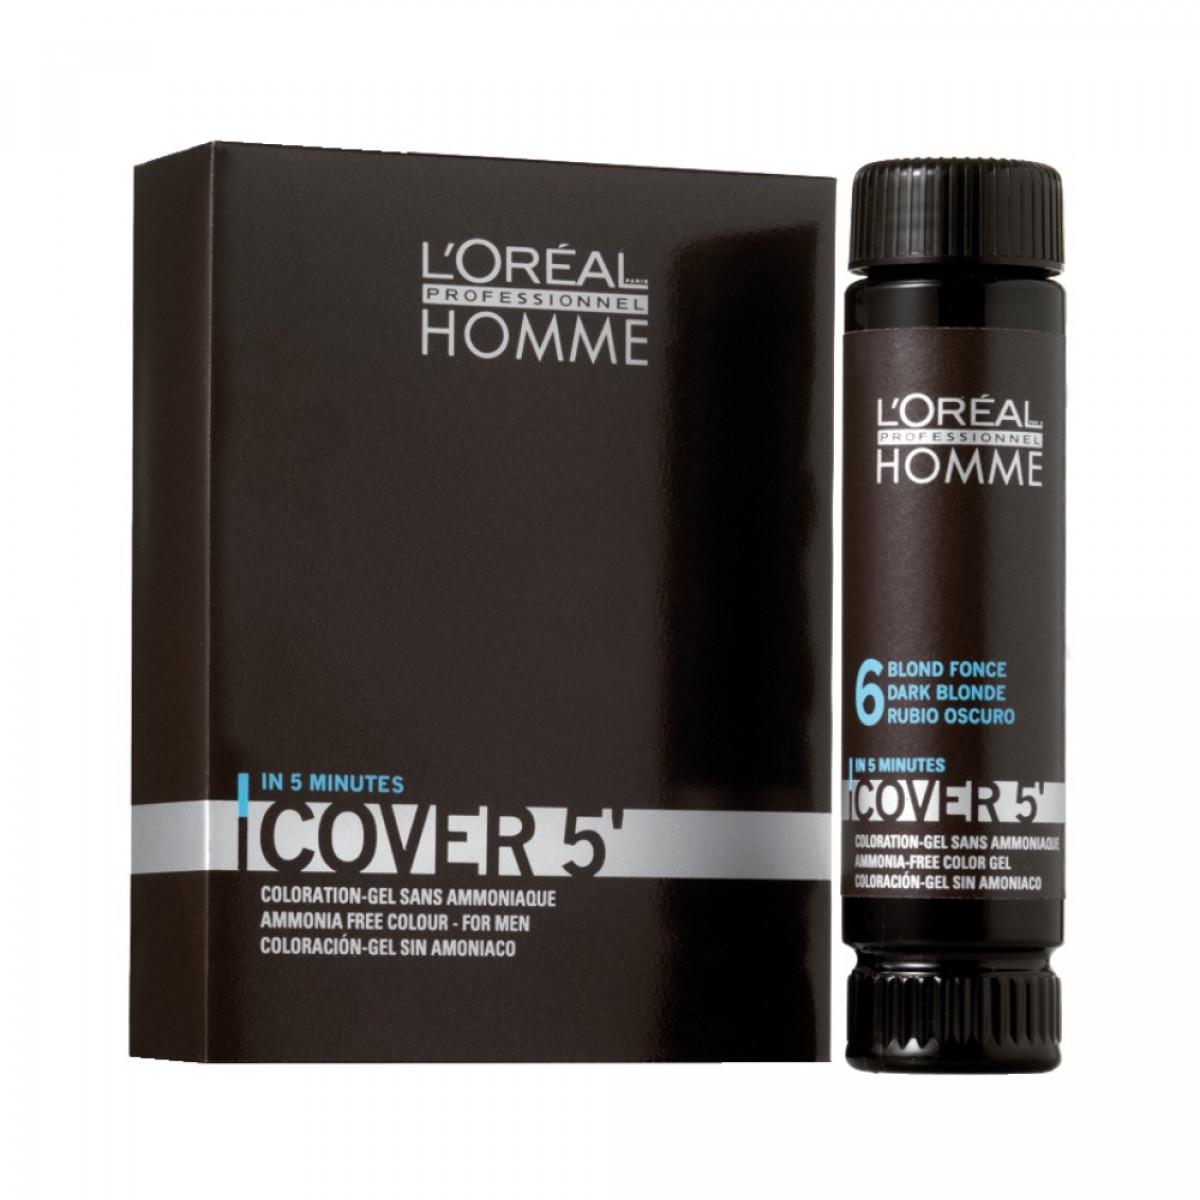 coloration gel pour homme sans ammoniaque 50ml cover5 - Coloration Sans Ammoniaque Professionnelle